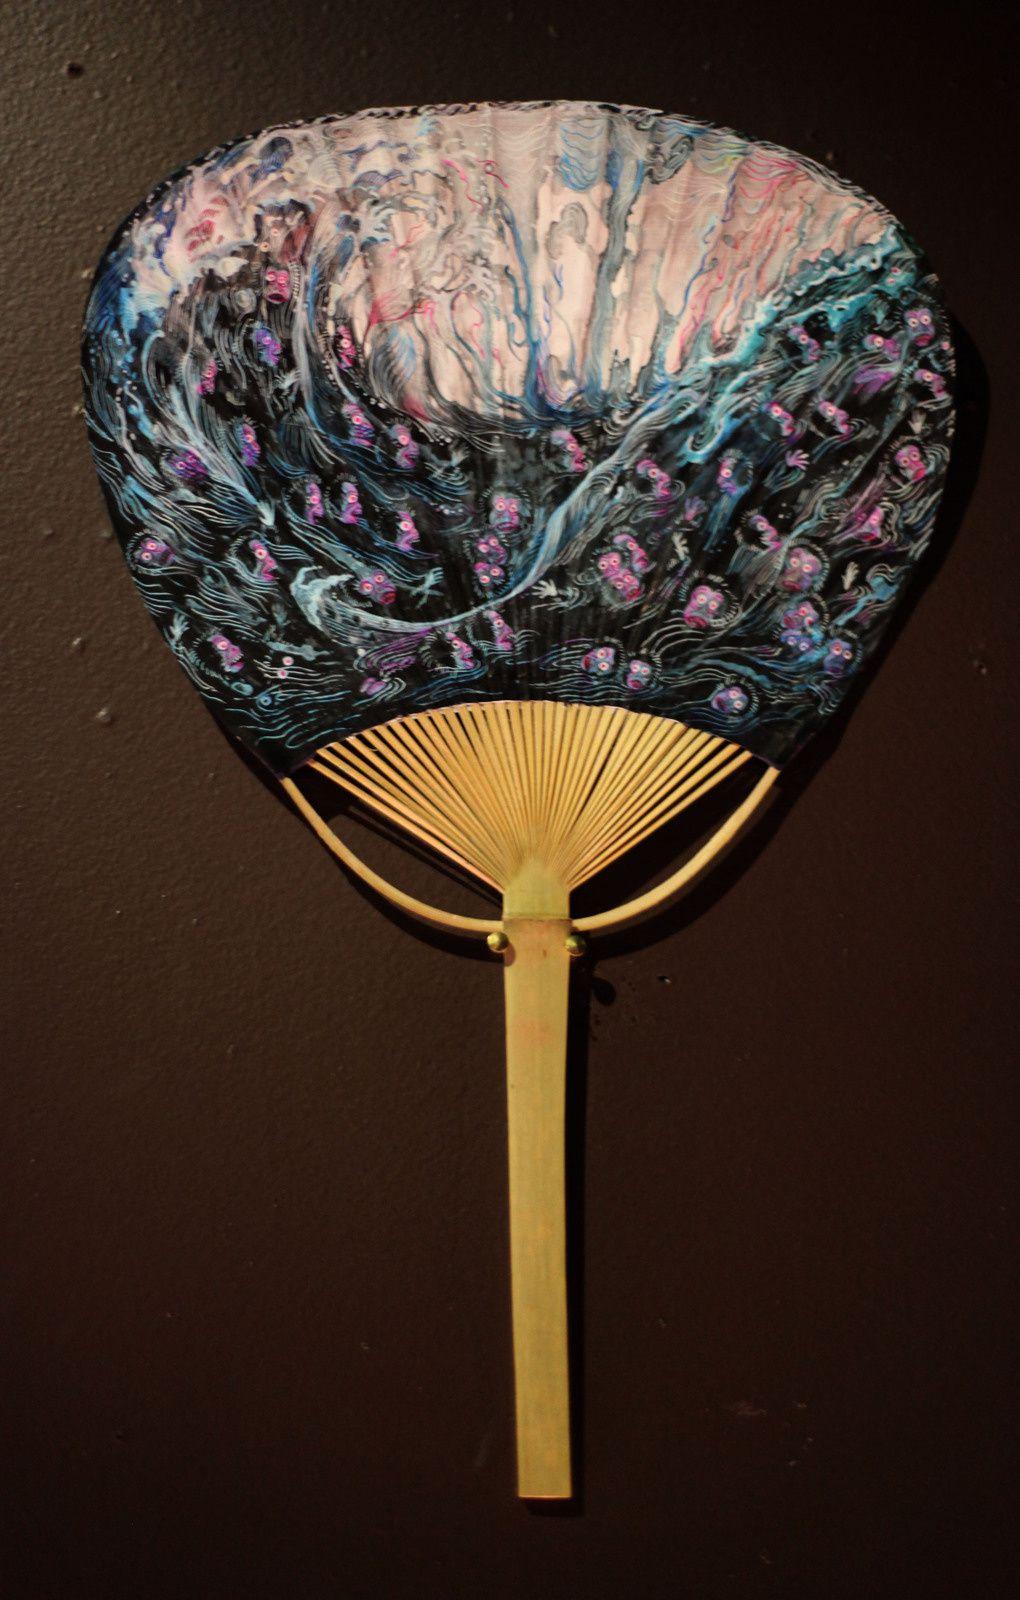 """""""Mille reflets de mon visage dans la prunelle d'une mouche"""", 2018 de Daïchi MORI - Courtesy de l'artiste et Galerie Da-End © Photo Éric Simon"""